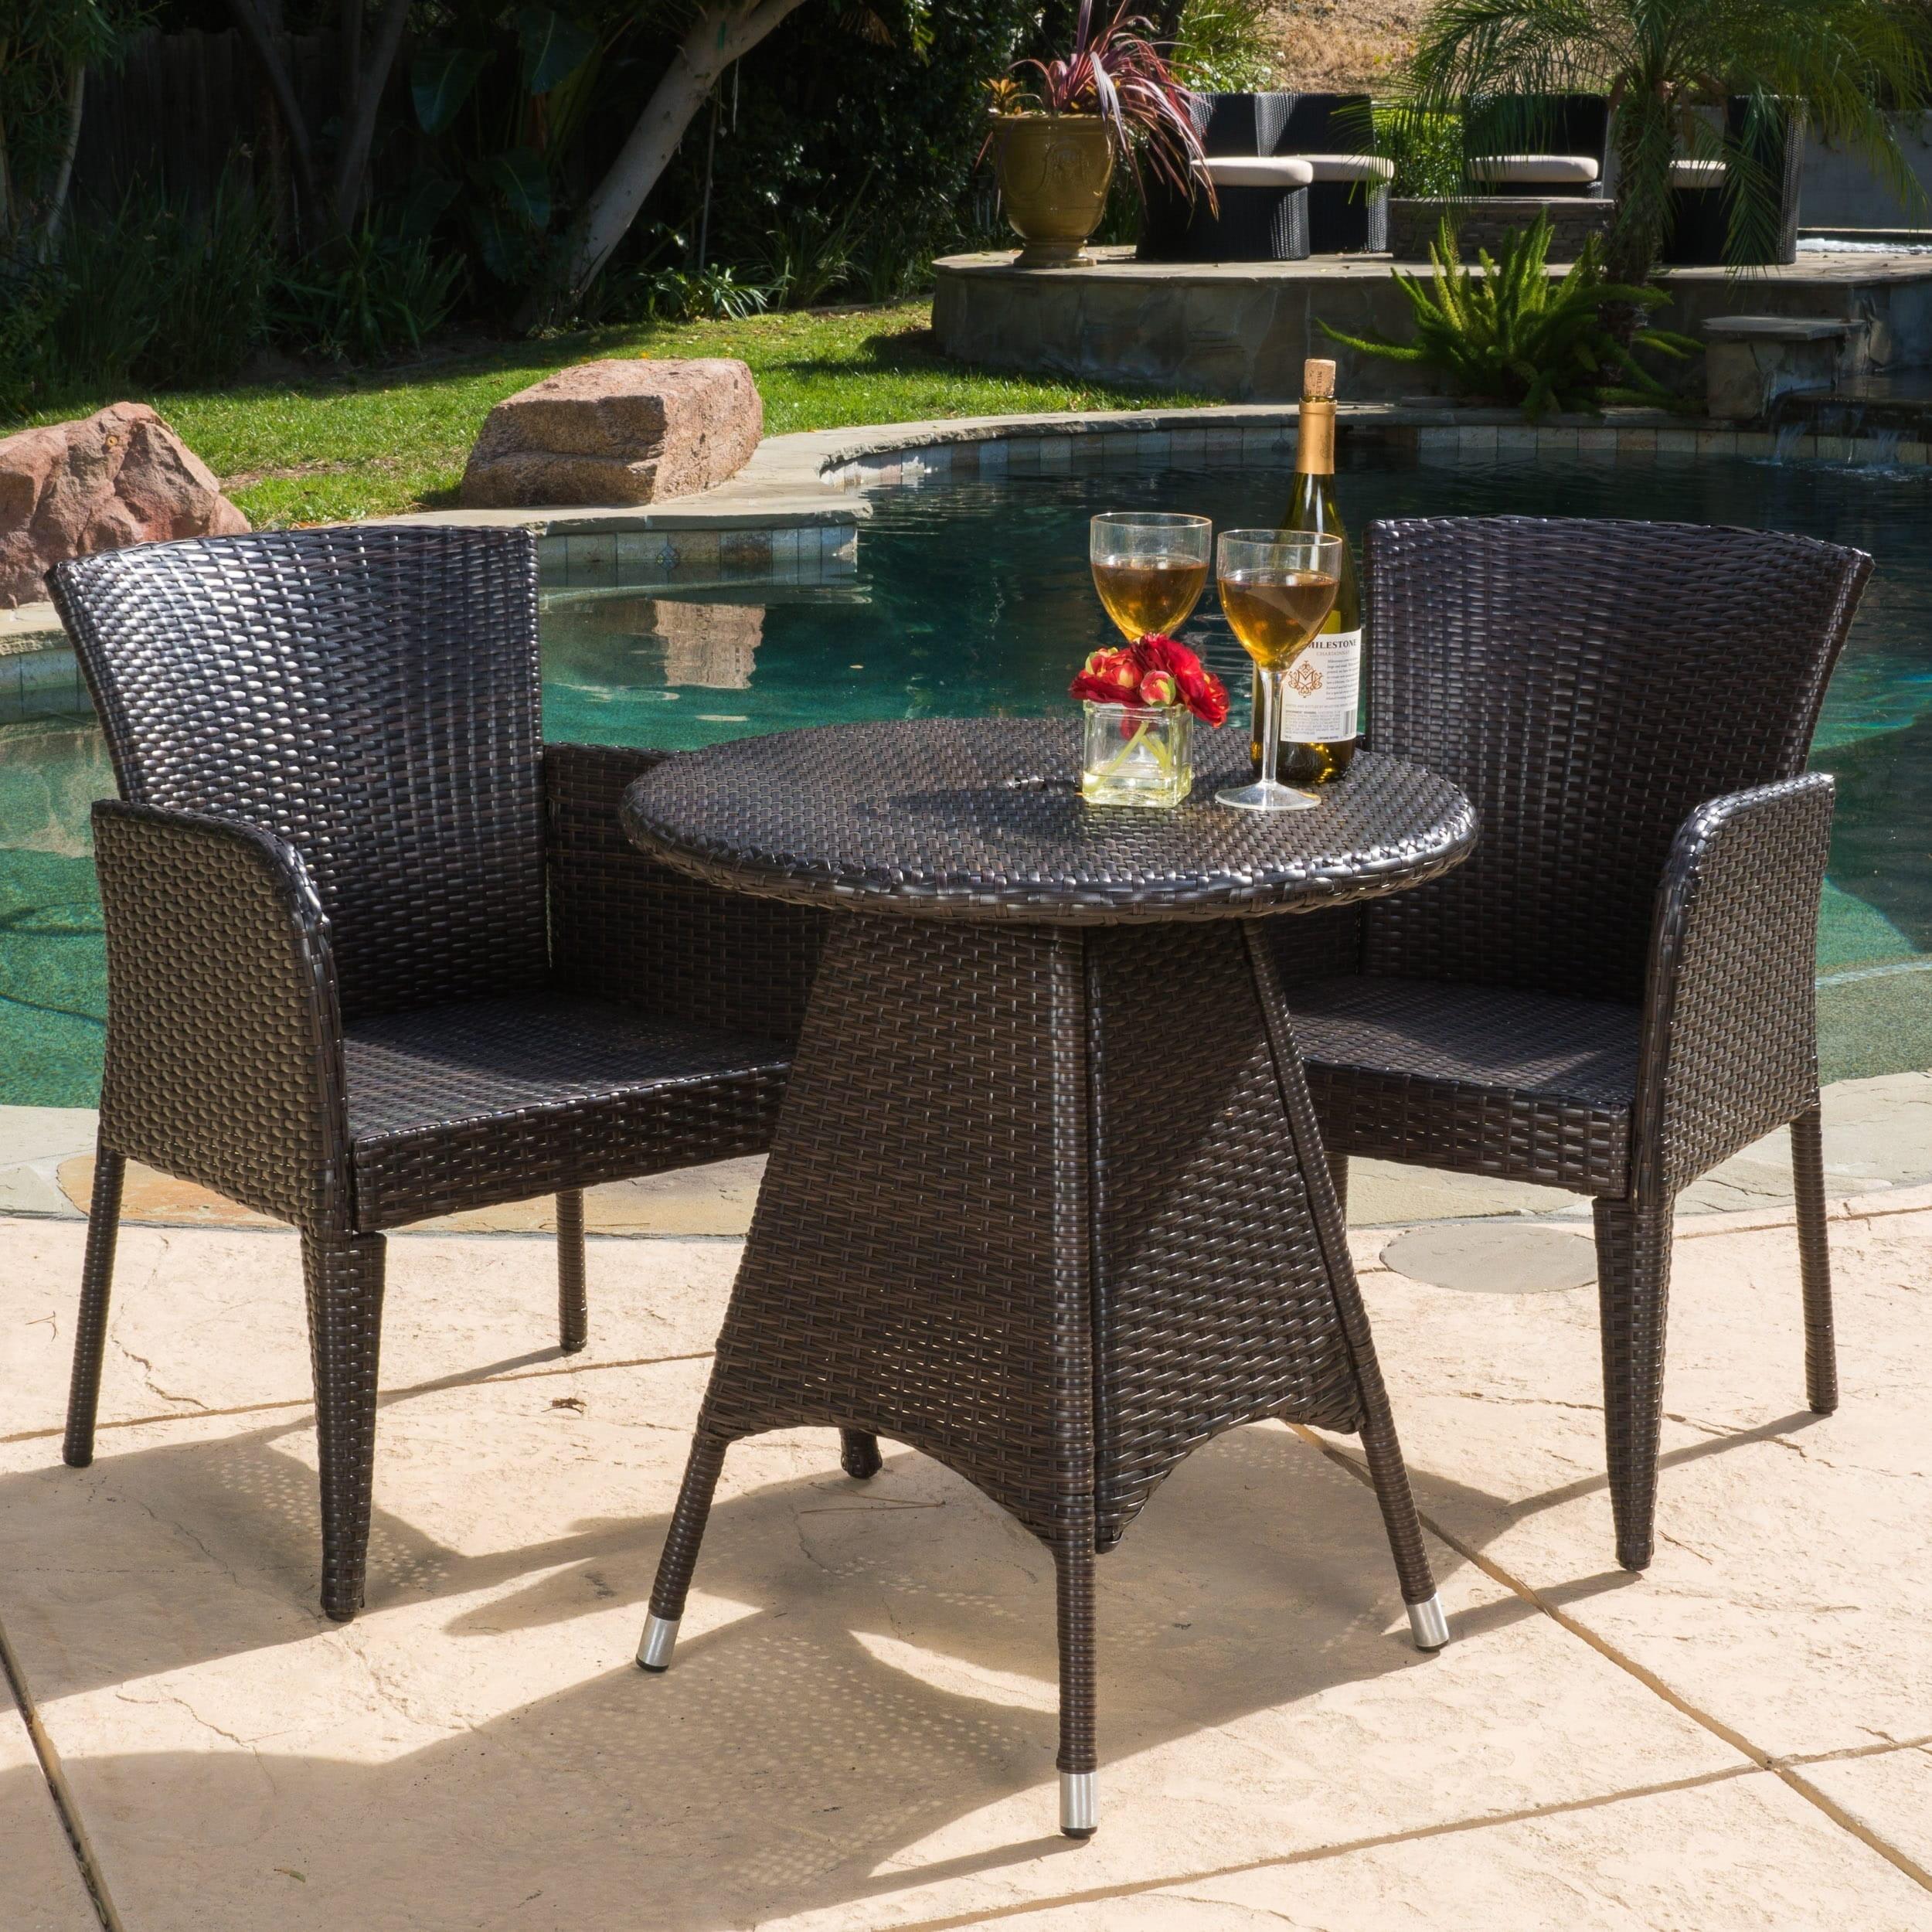 Christopher Knight Home Brayden Outdoor 3-piece Wicker Bistro Set by